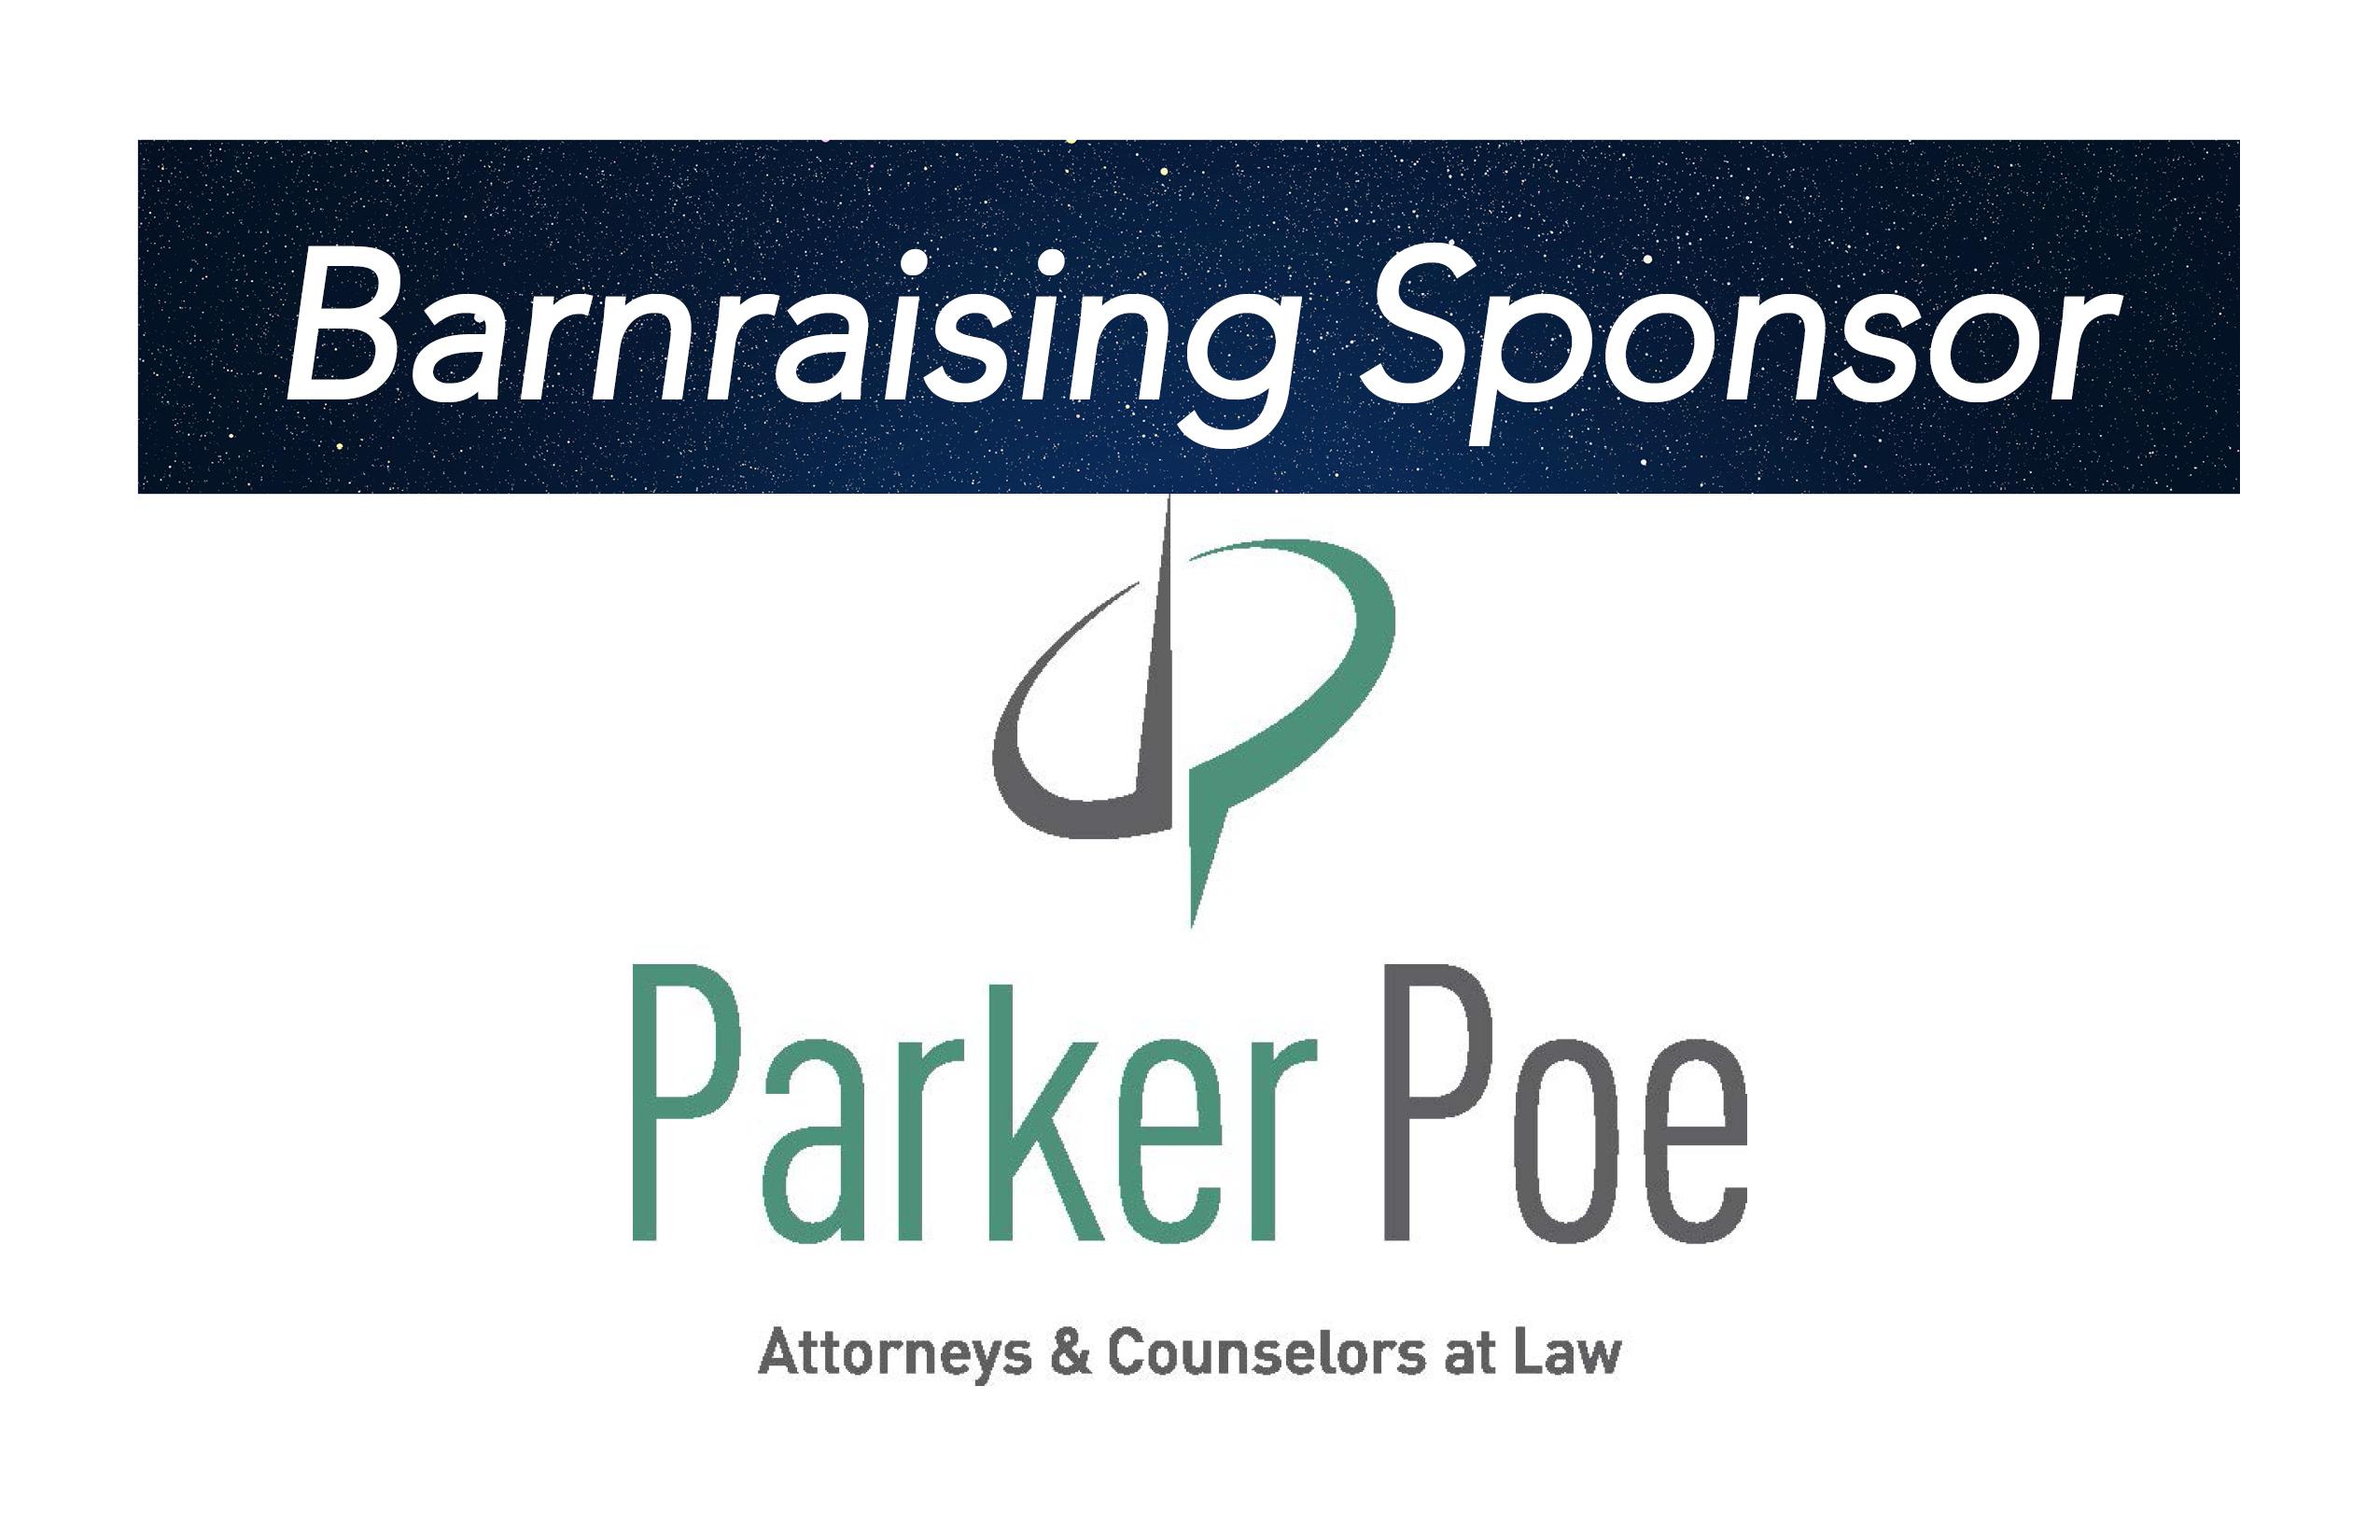 Parker Poe, Barnraising Sponsor